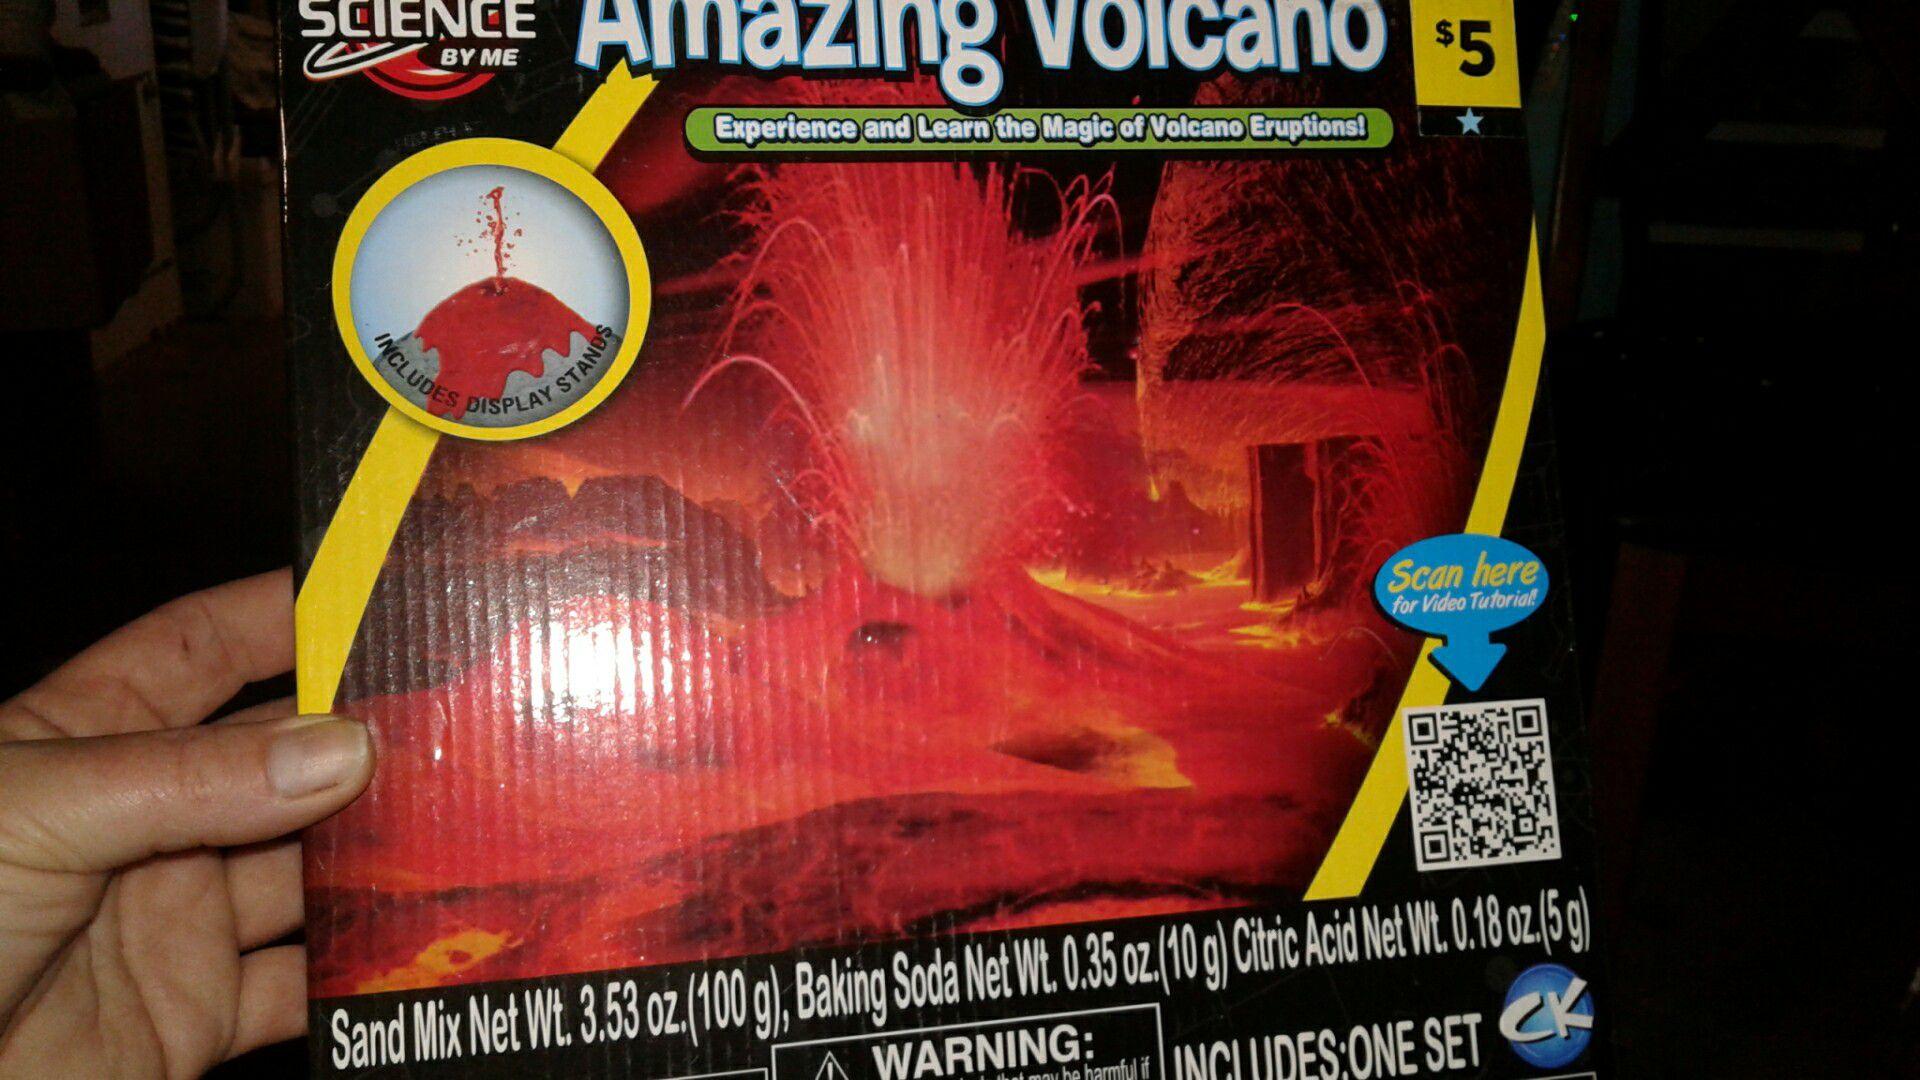 Amazing volcano